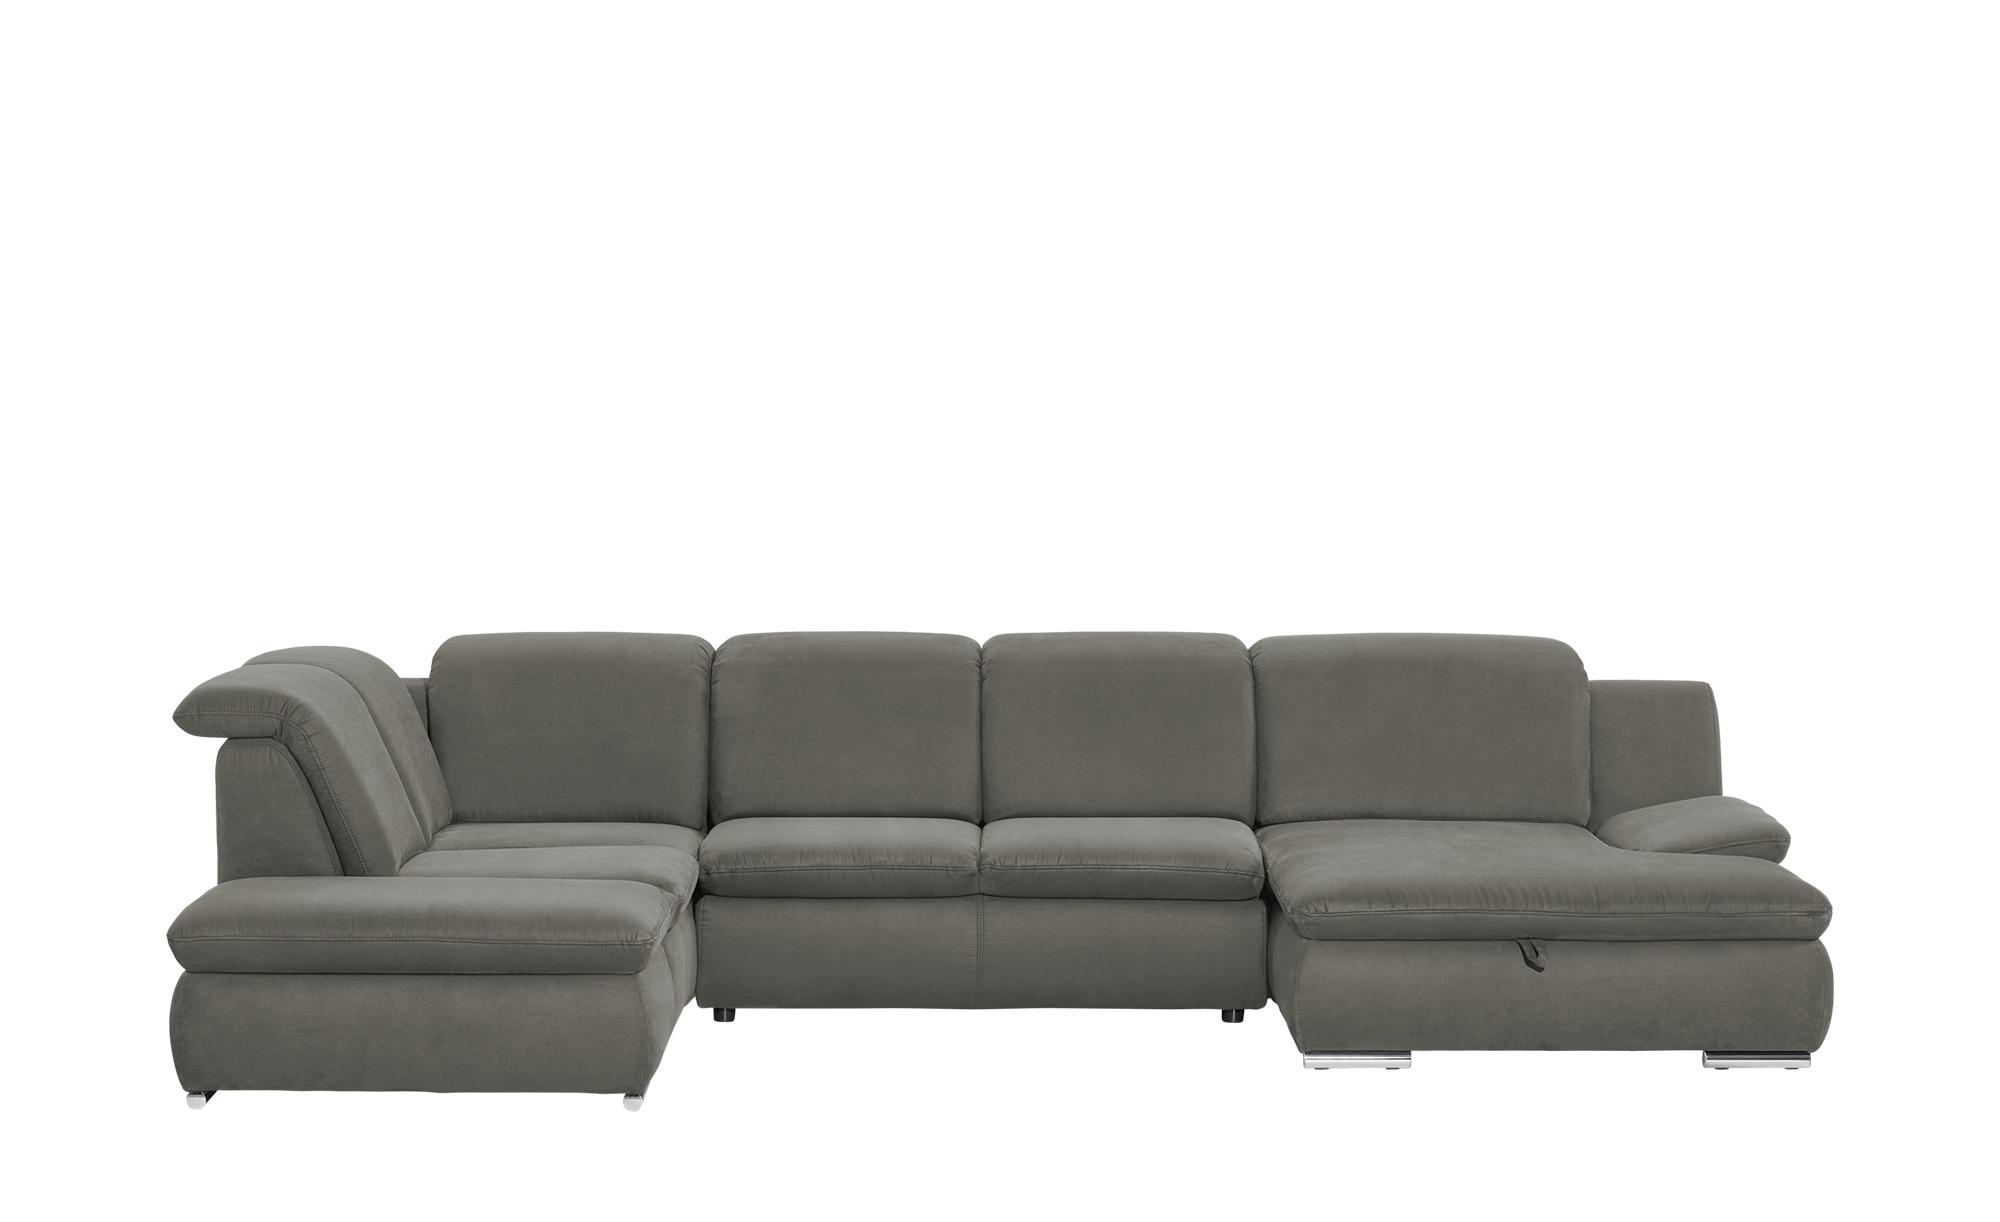 Flensburg Design Sofa Leder Chesterfield Sofa Bed Velvet Couch Online Bestellen Osterreich Sofa Leder Beige Co Big Sofa Kaufen Couch Online Sofa Design